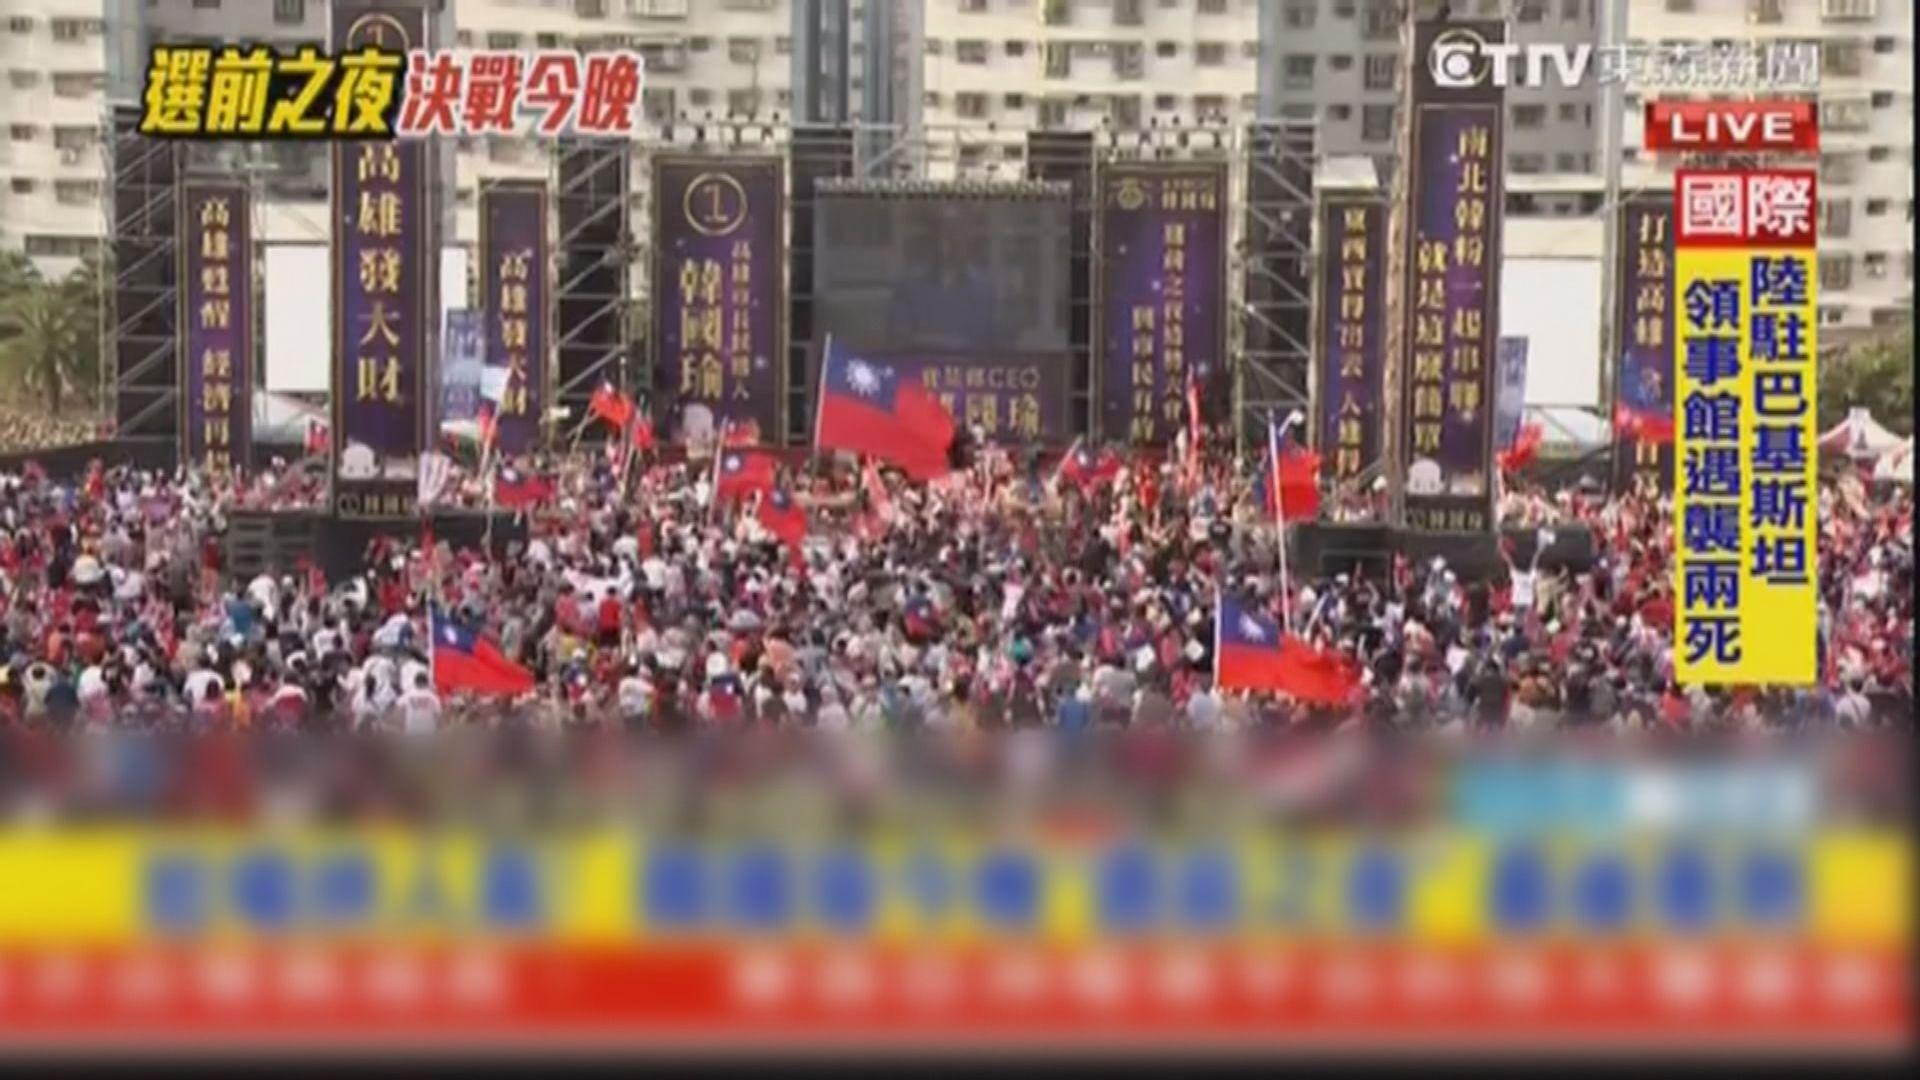 台灣藍綠陣營支持者陸續到場參與造勢